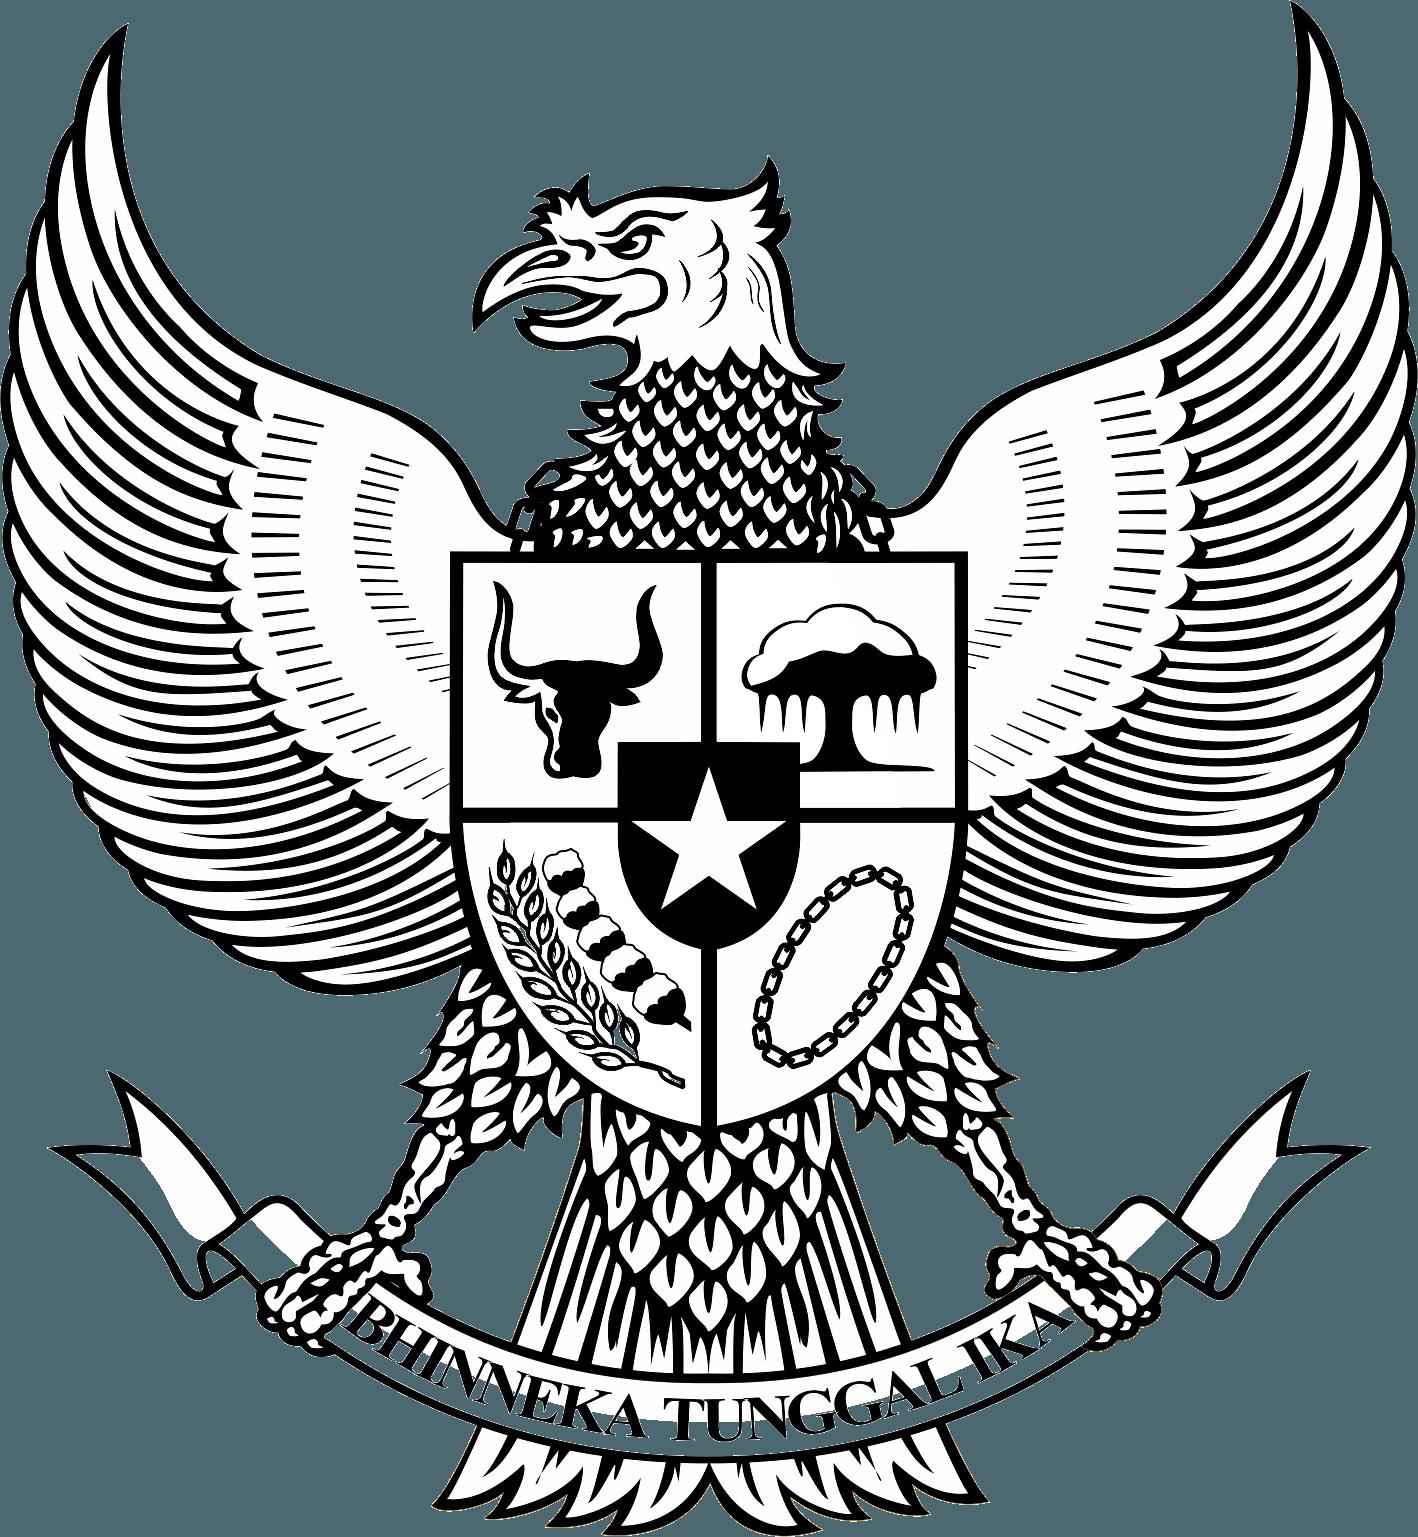 Logo Garuda Pancasila Bw Hitam Putih Lambang Negara Gambar Sketsa